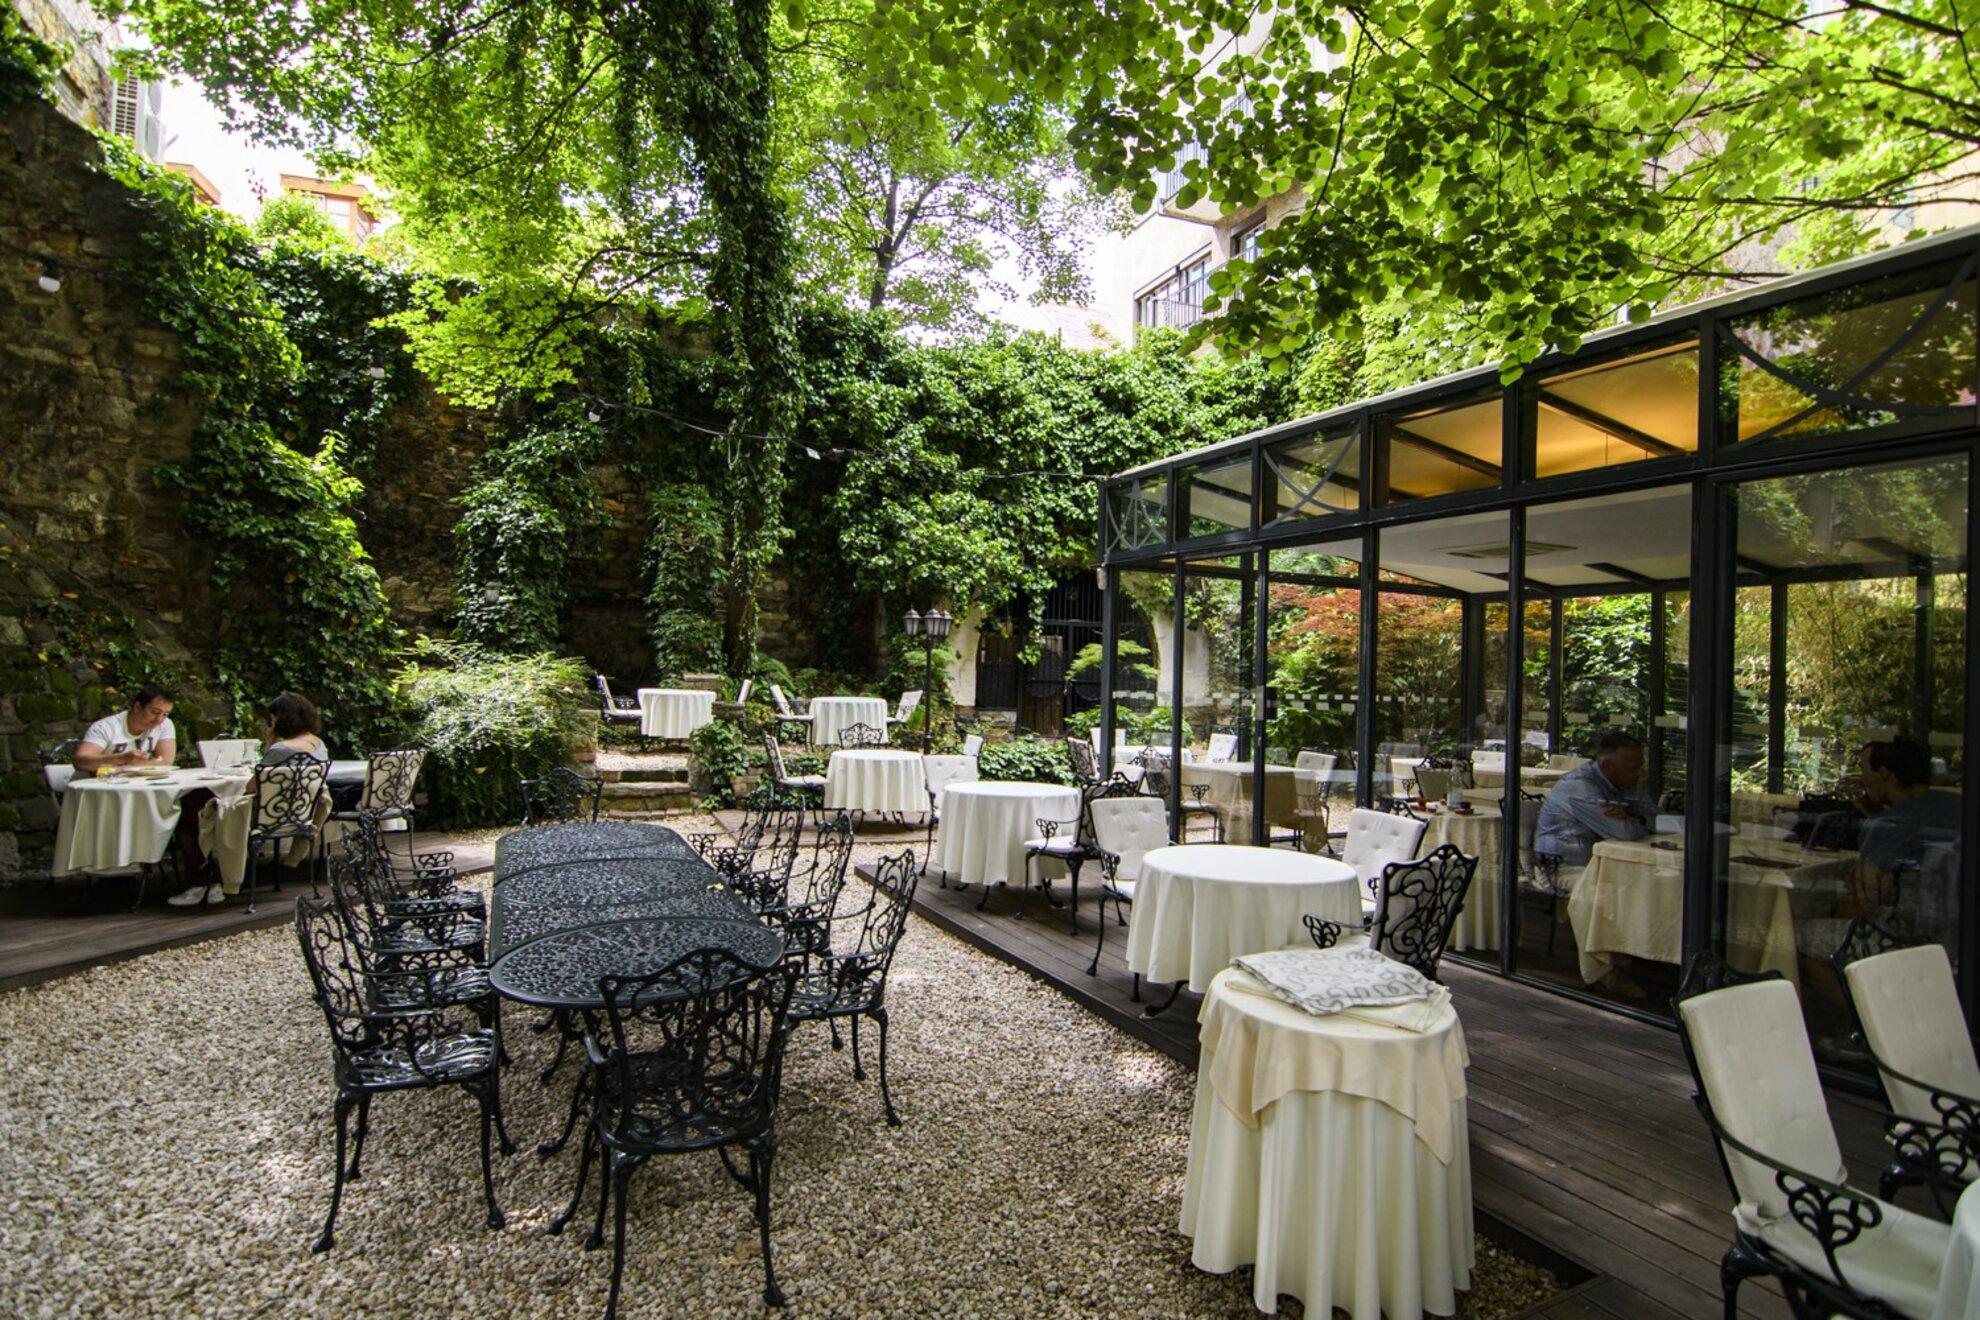 éttermi kertek és környéke parazita gyógyszer giardia